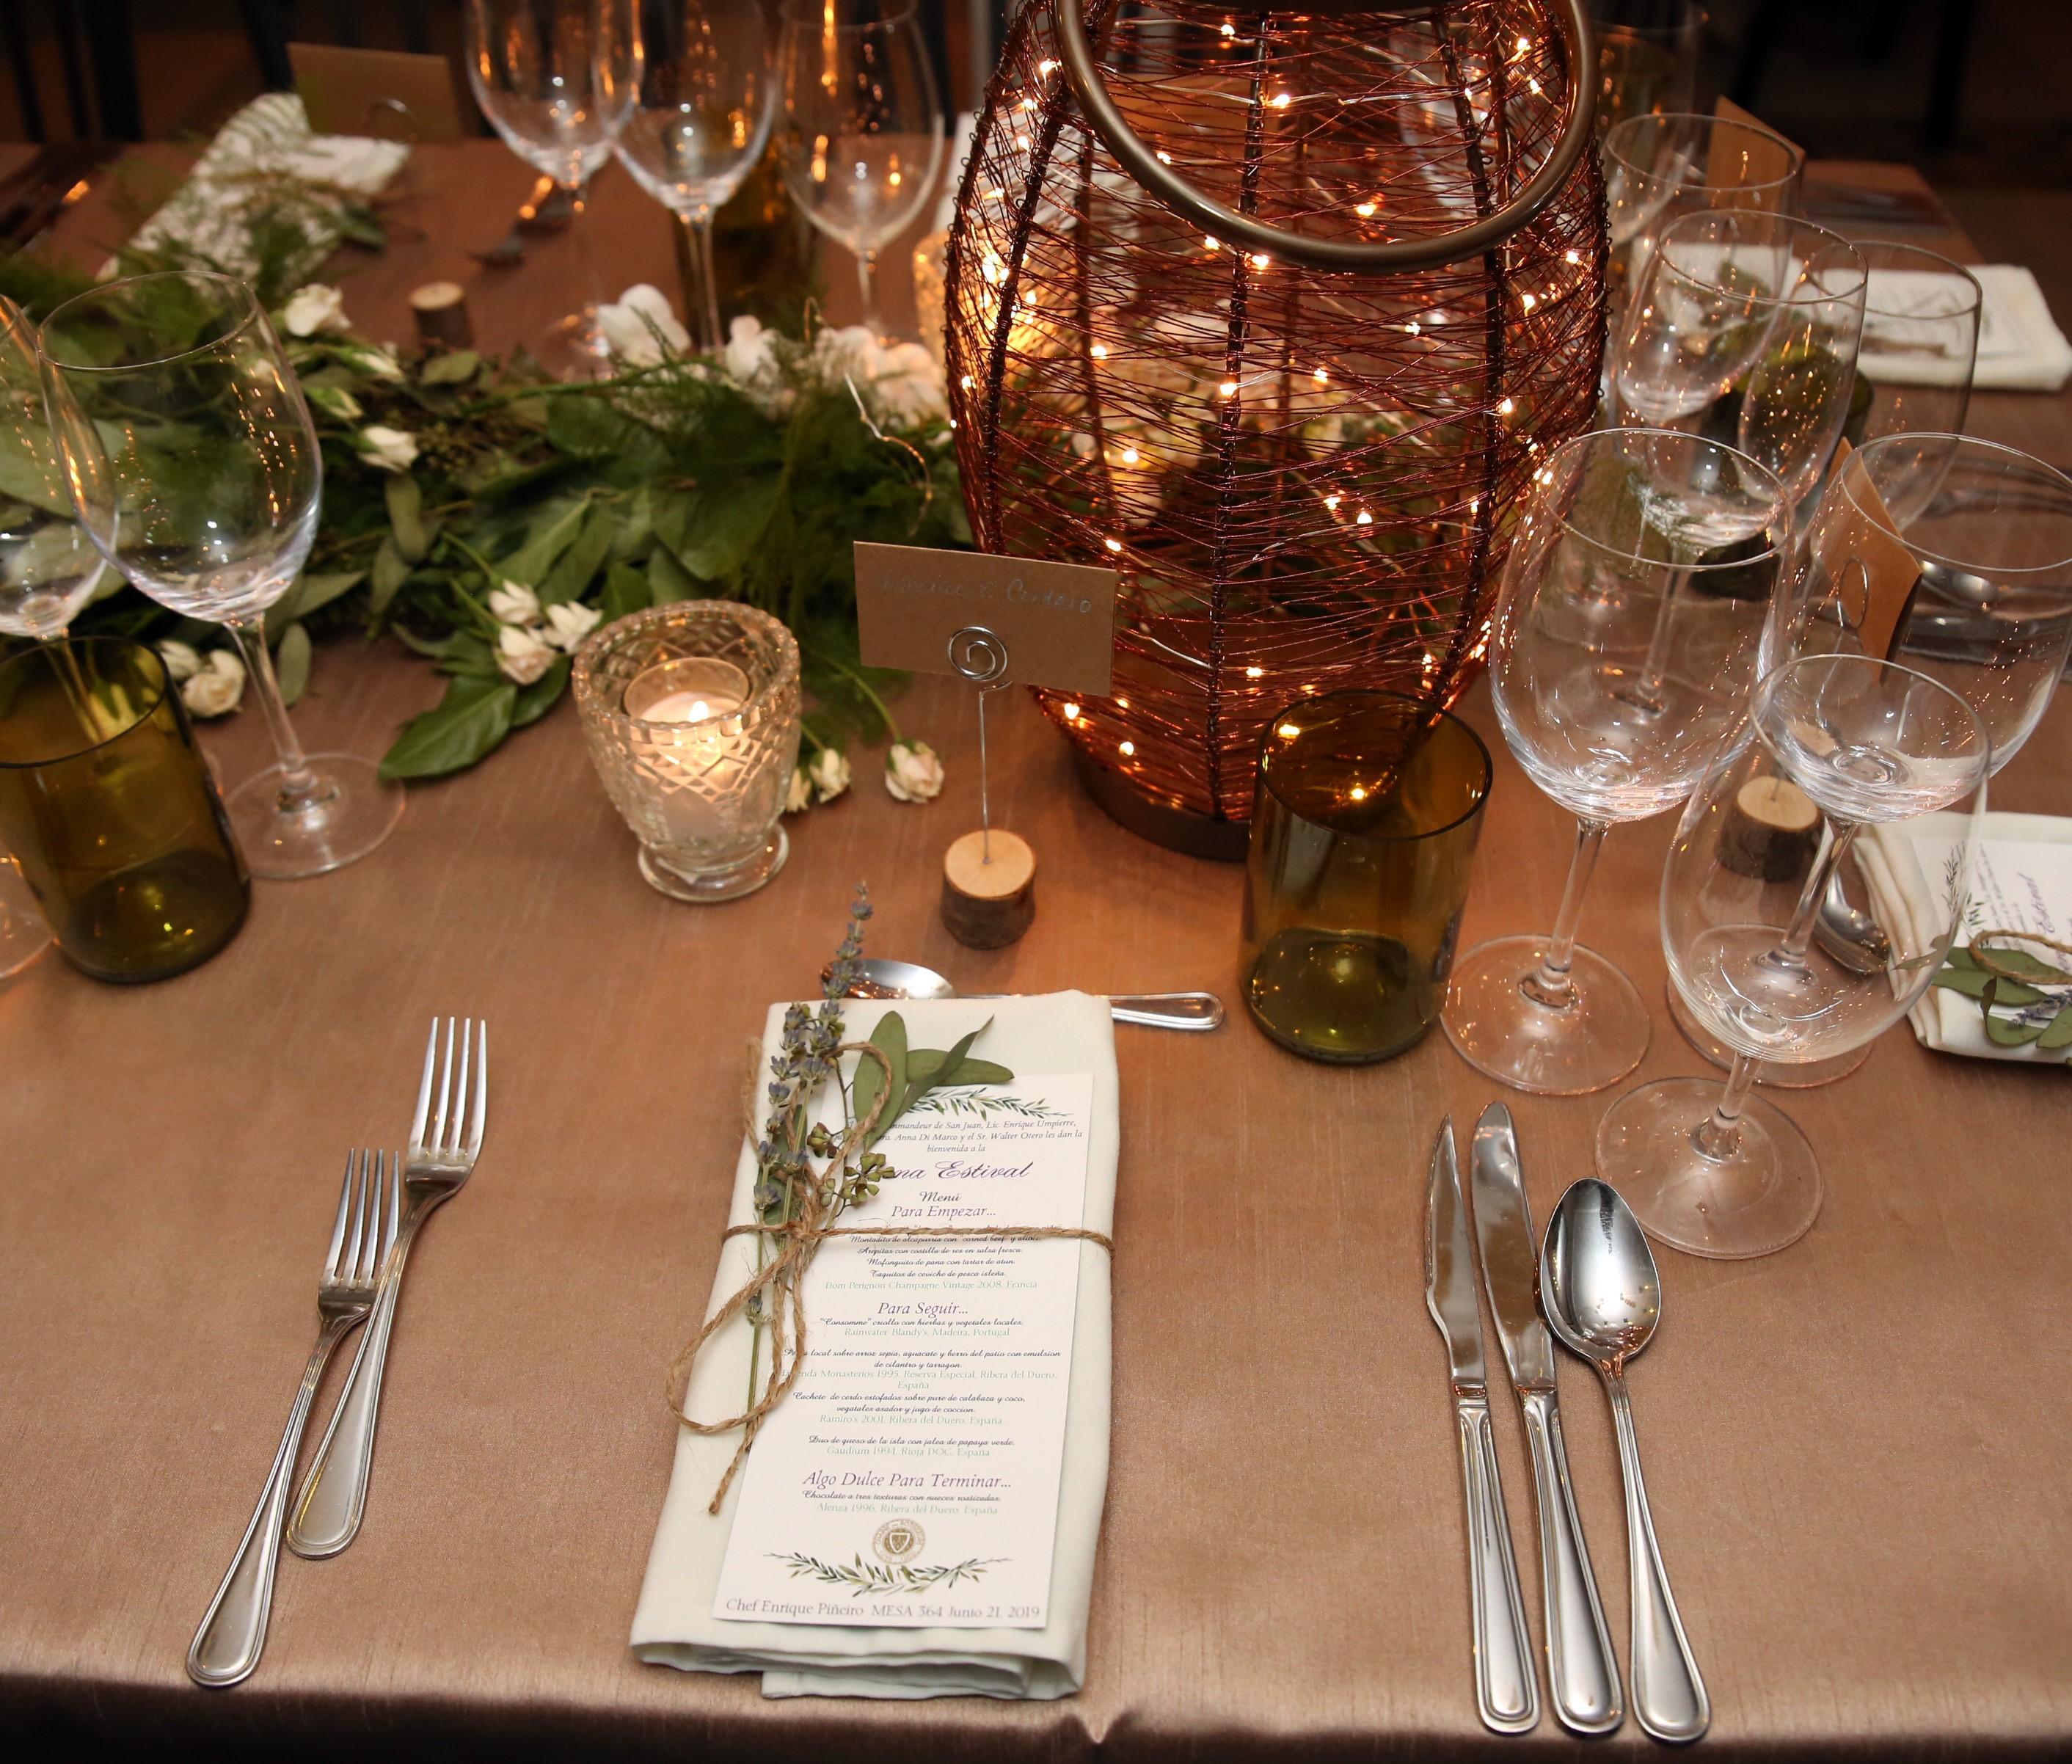 La ambientacion a cargo de Akua con tema rústico chic. Lámparas de cobre, velas, lavandas y orquídeas blancas decoraron el espacio como en una celebración al aire libre en el verano de Provenza. Foto suministrada.